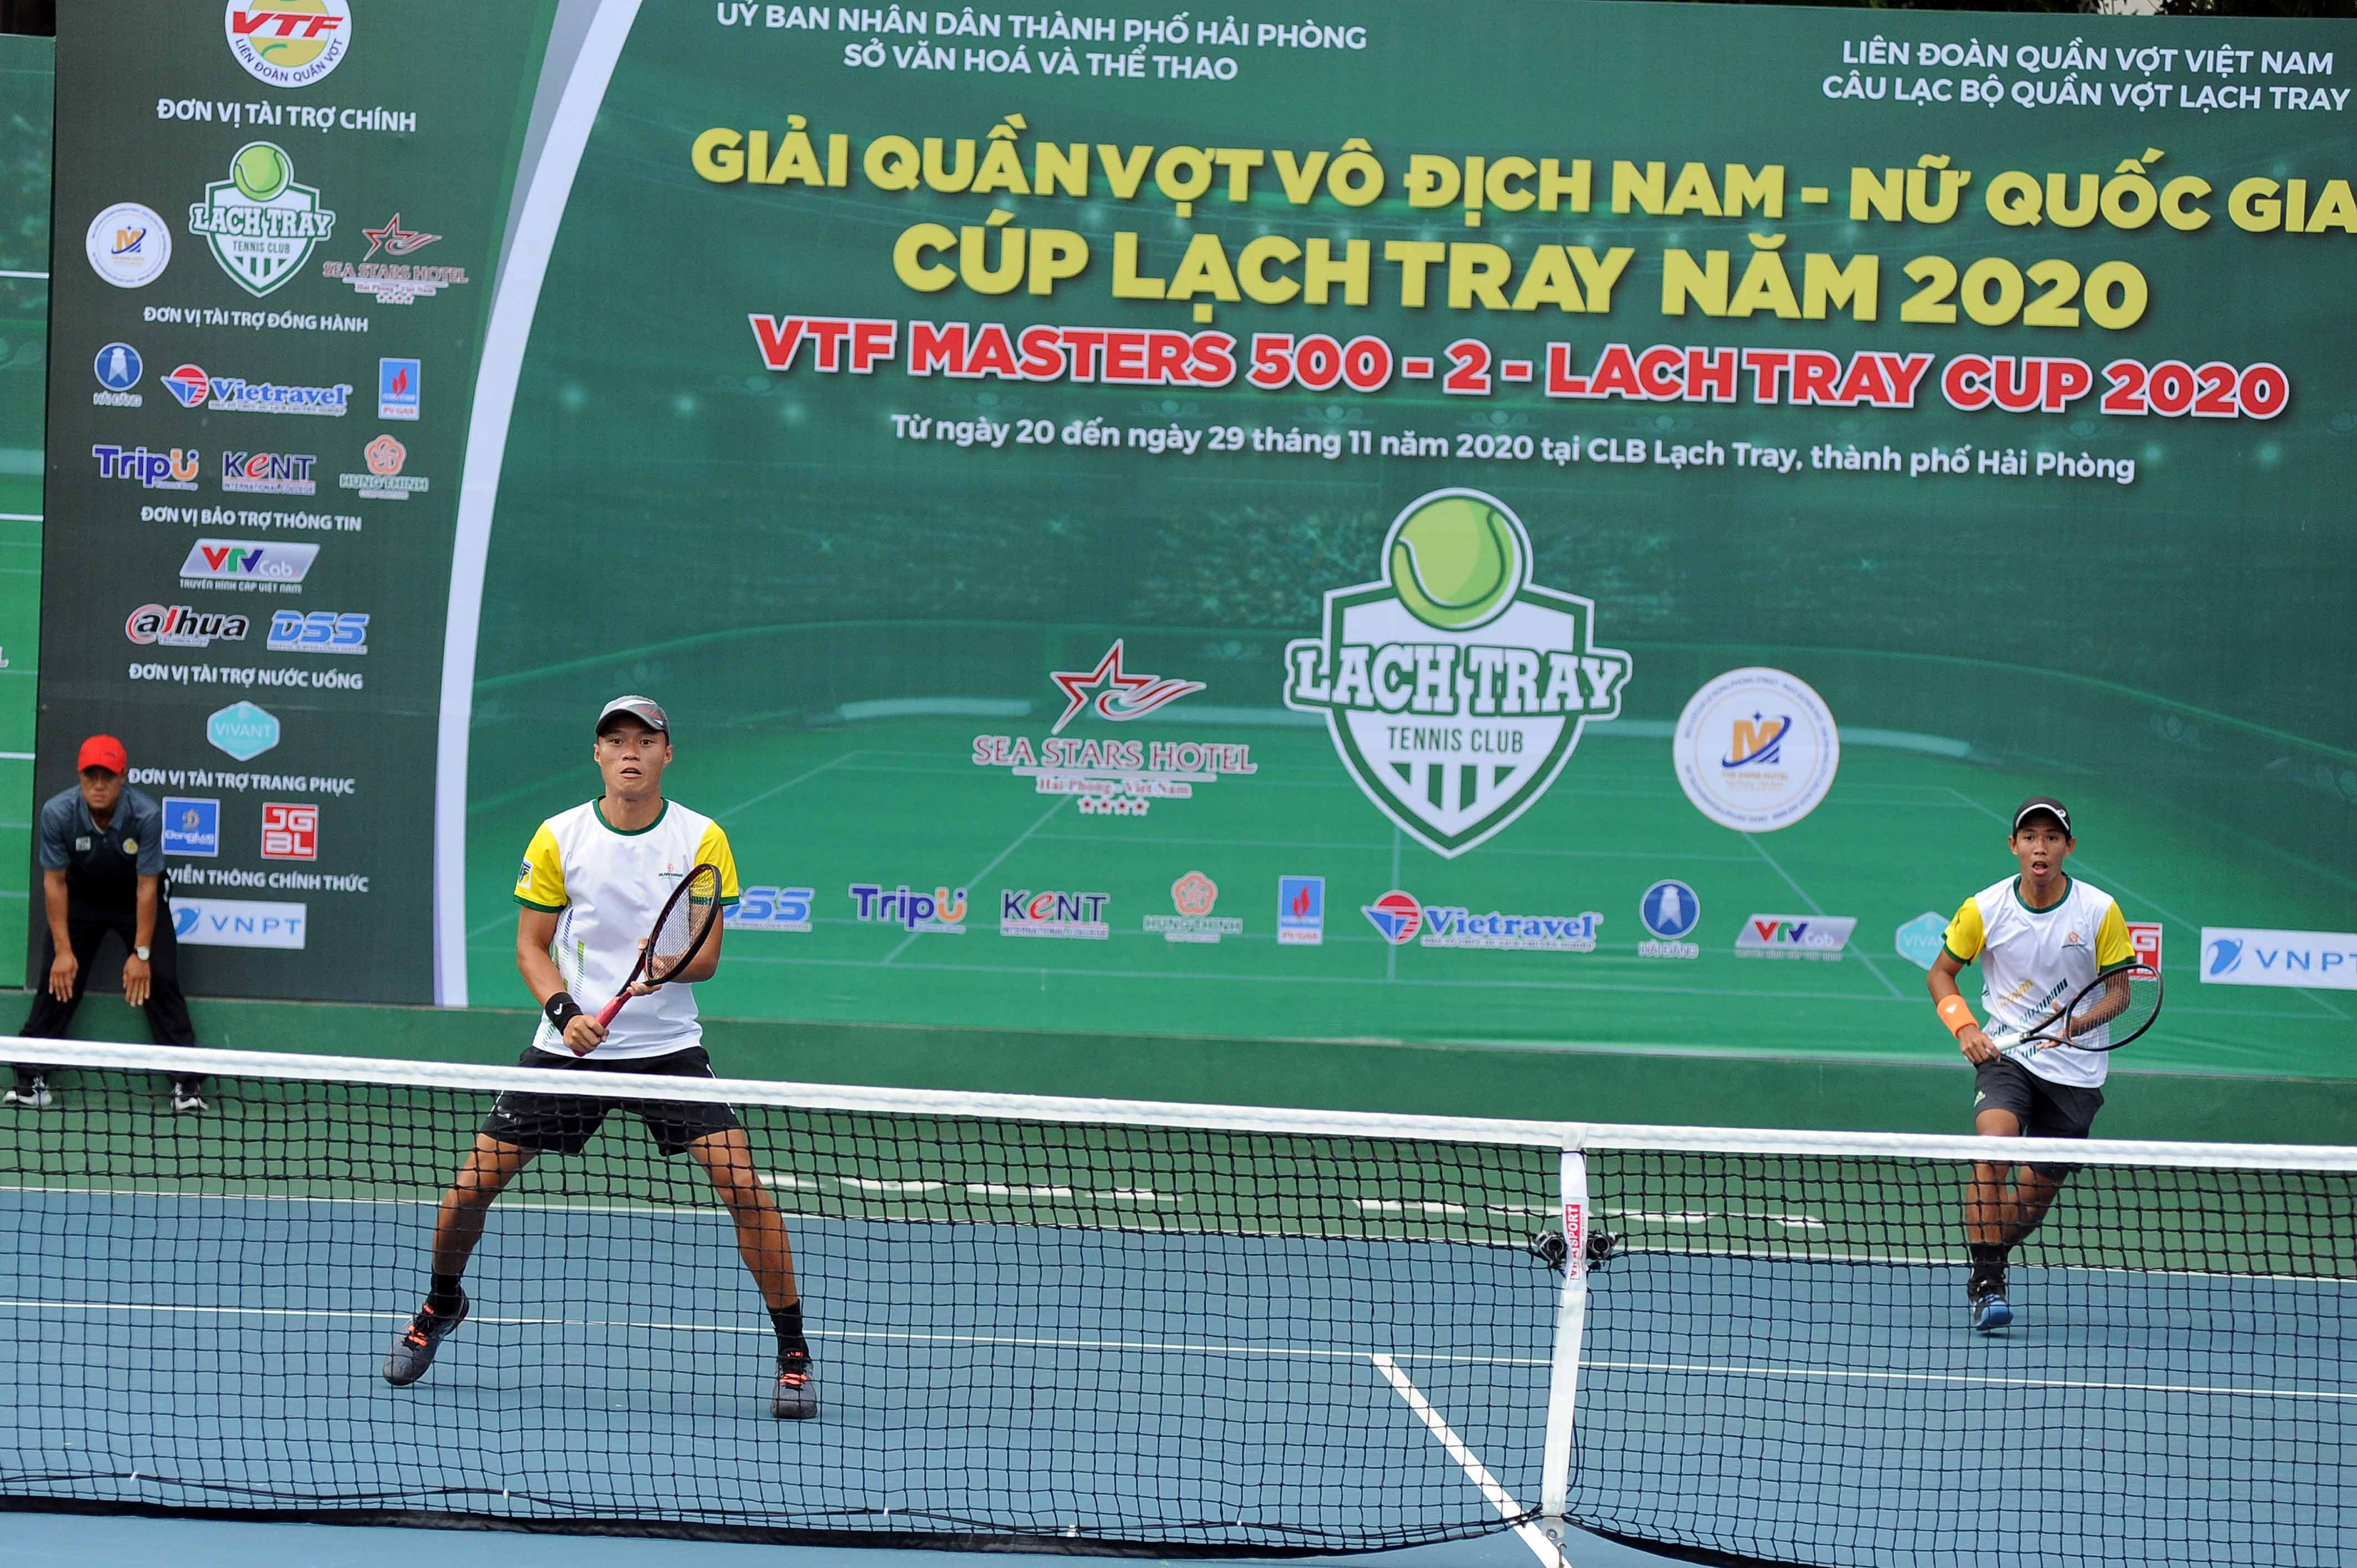 Hình ảnh: VTF Masters 500 – 2 – Lach Tray Cup 2020: Vua đánh đôi tăng sức mạnh cùng tay vợt số 1 Việt Nam số 3